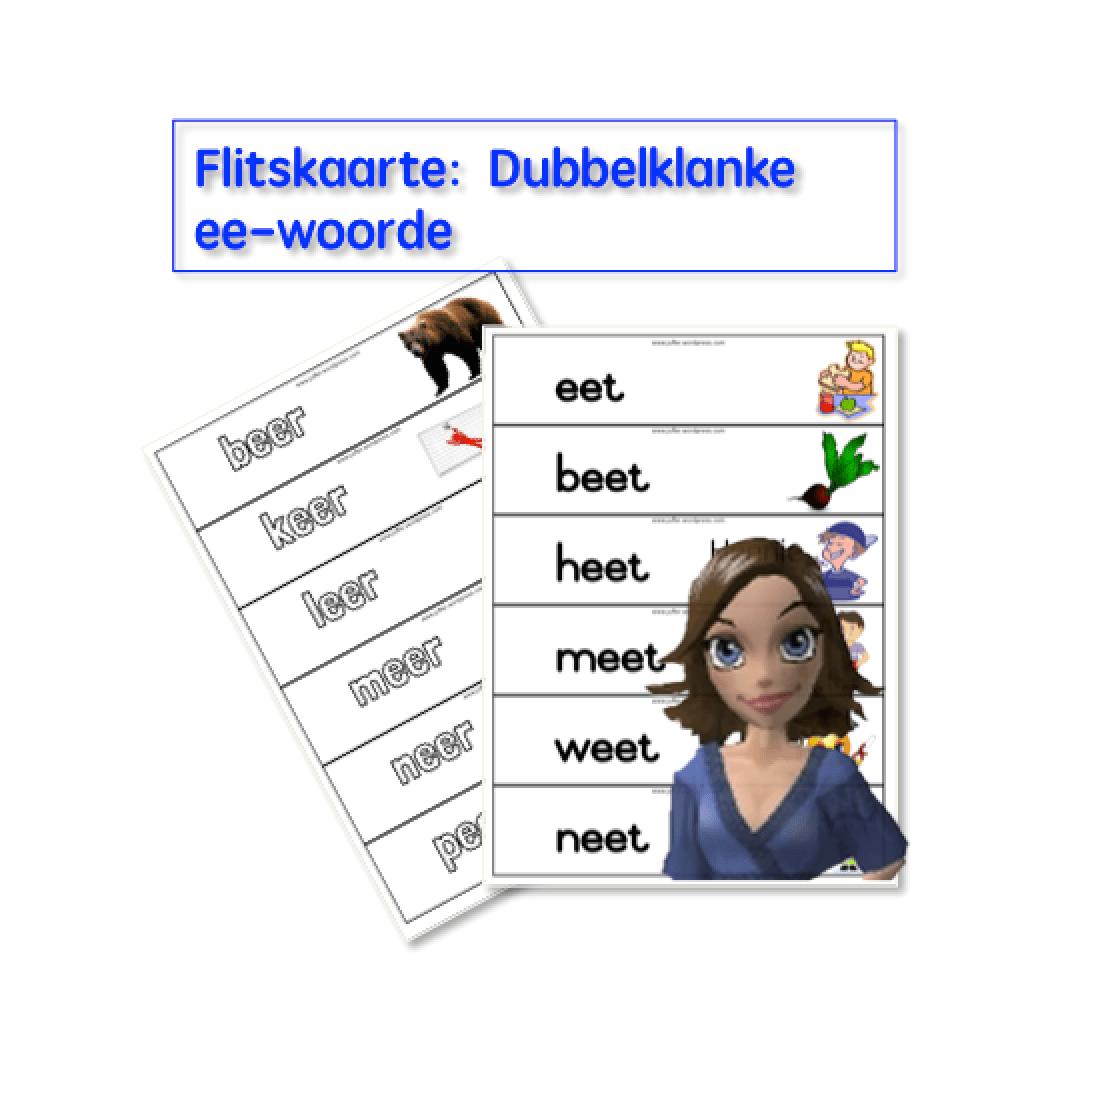 Flitskaarte My Klaskamer